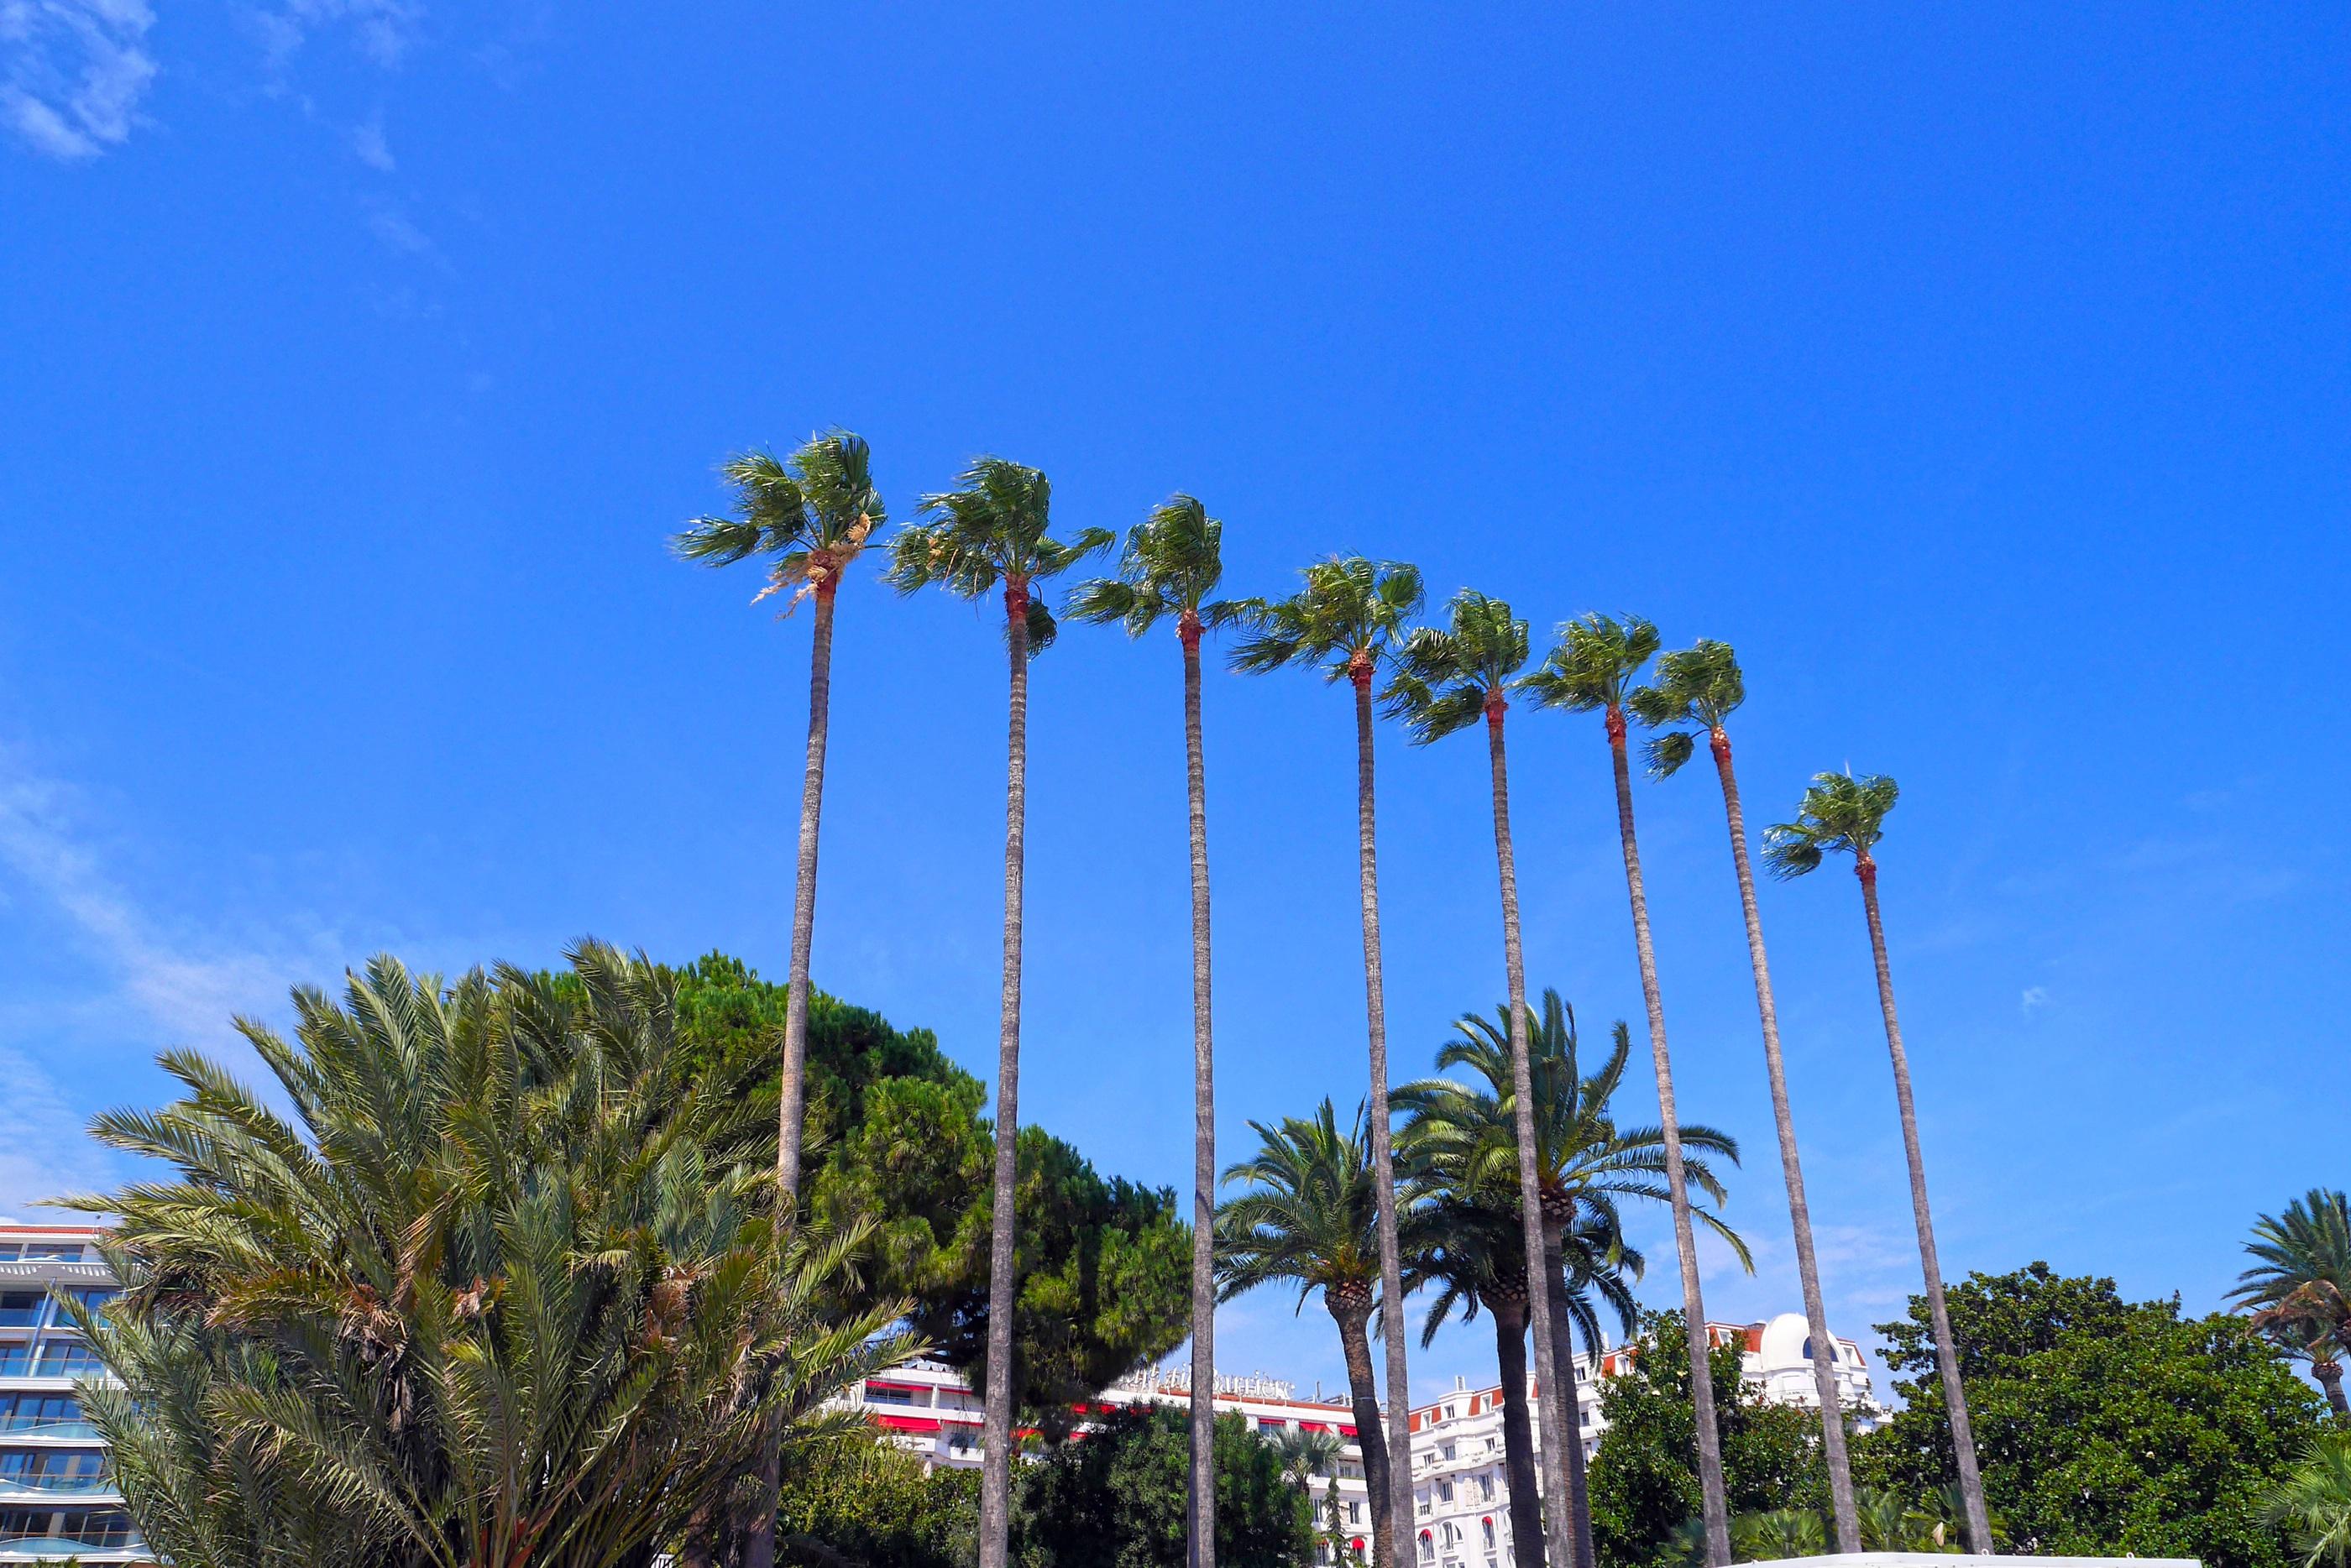 arbre plante ciel ensoleillement palmier fleur vent parc botanique flore cosystme plante fleurs cannes plante - Arbre Ciel